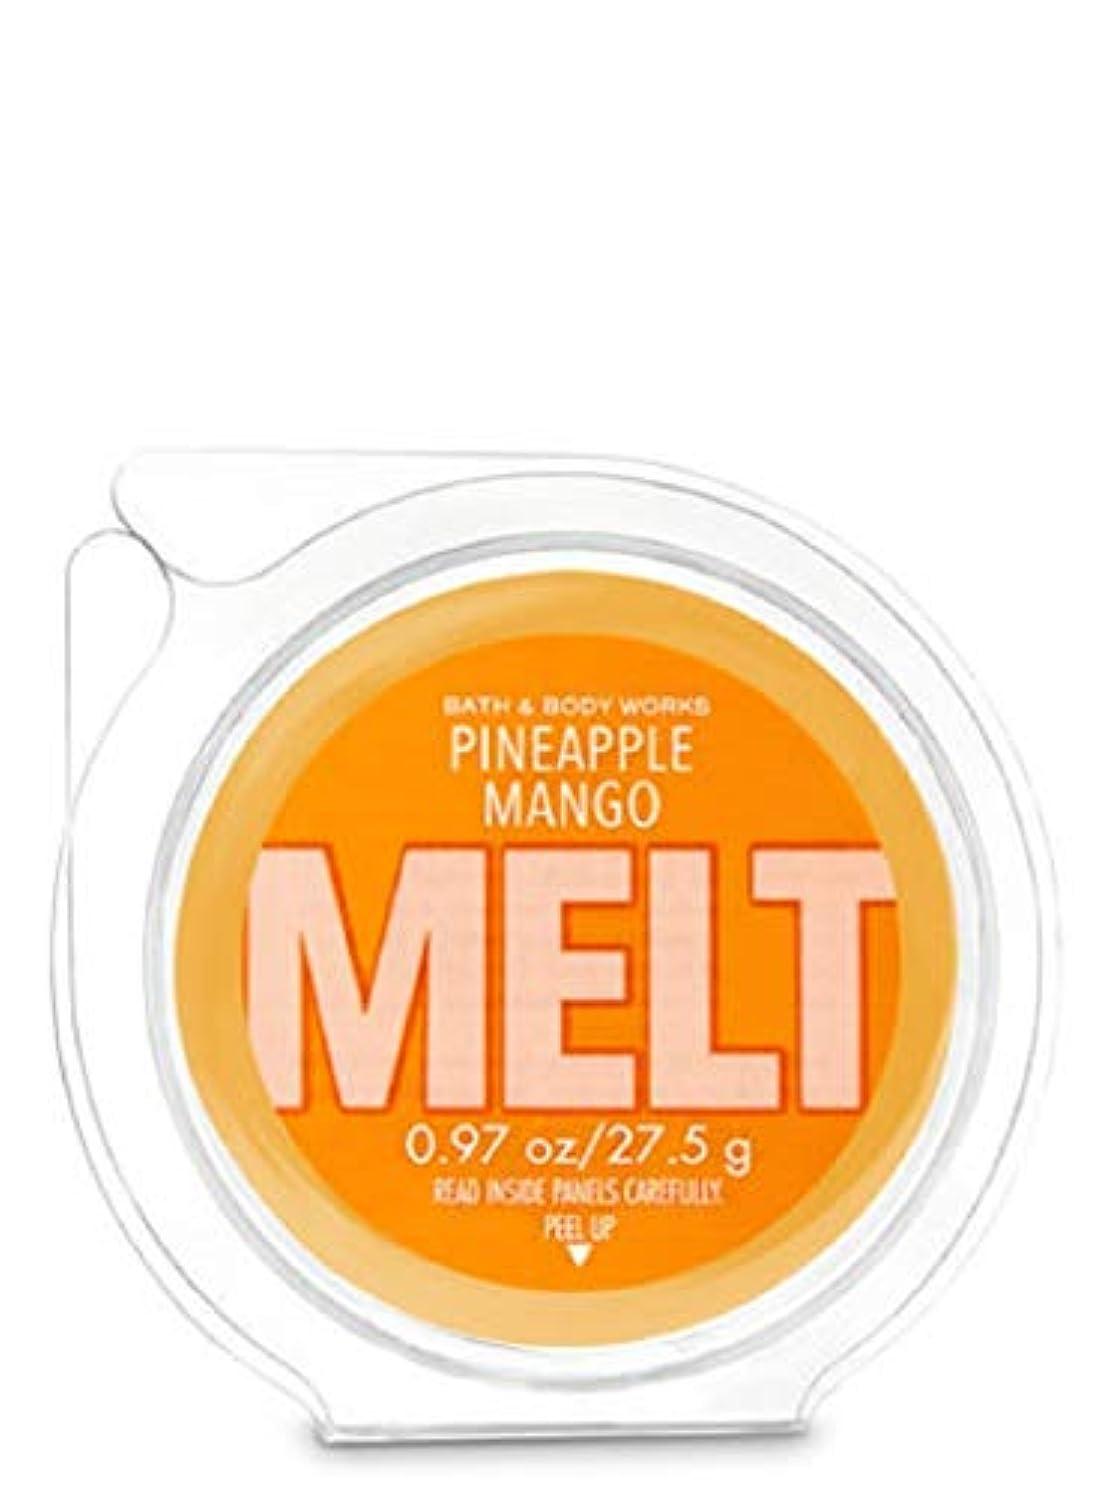 ホスト存在ライド【Bath&Body Works/バス&ボディワークス】 フレグランスメルト タルト ワックスポプリ パイナップルマンゴー Wax Fragrance Melt Pineapple Mango 0.97oz/27.5g